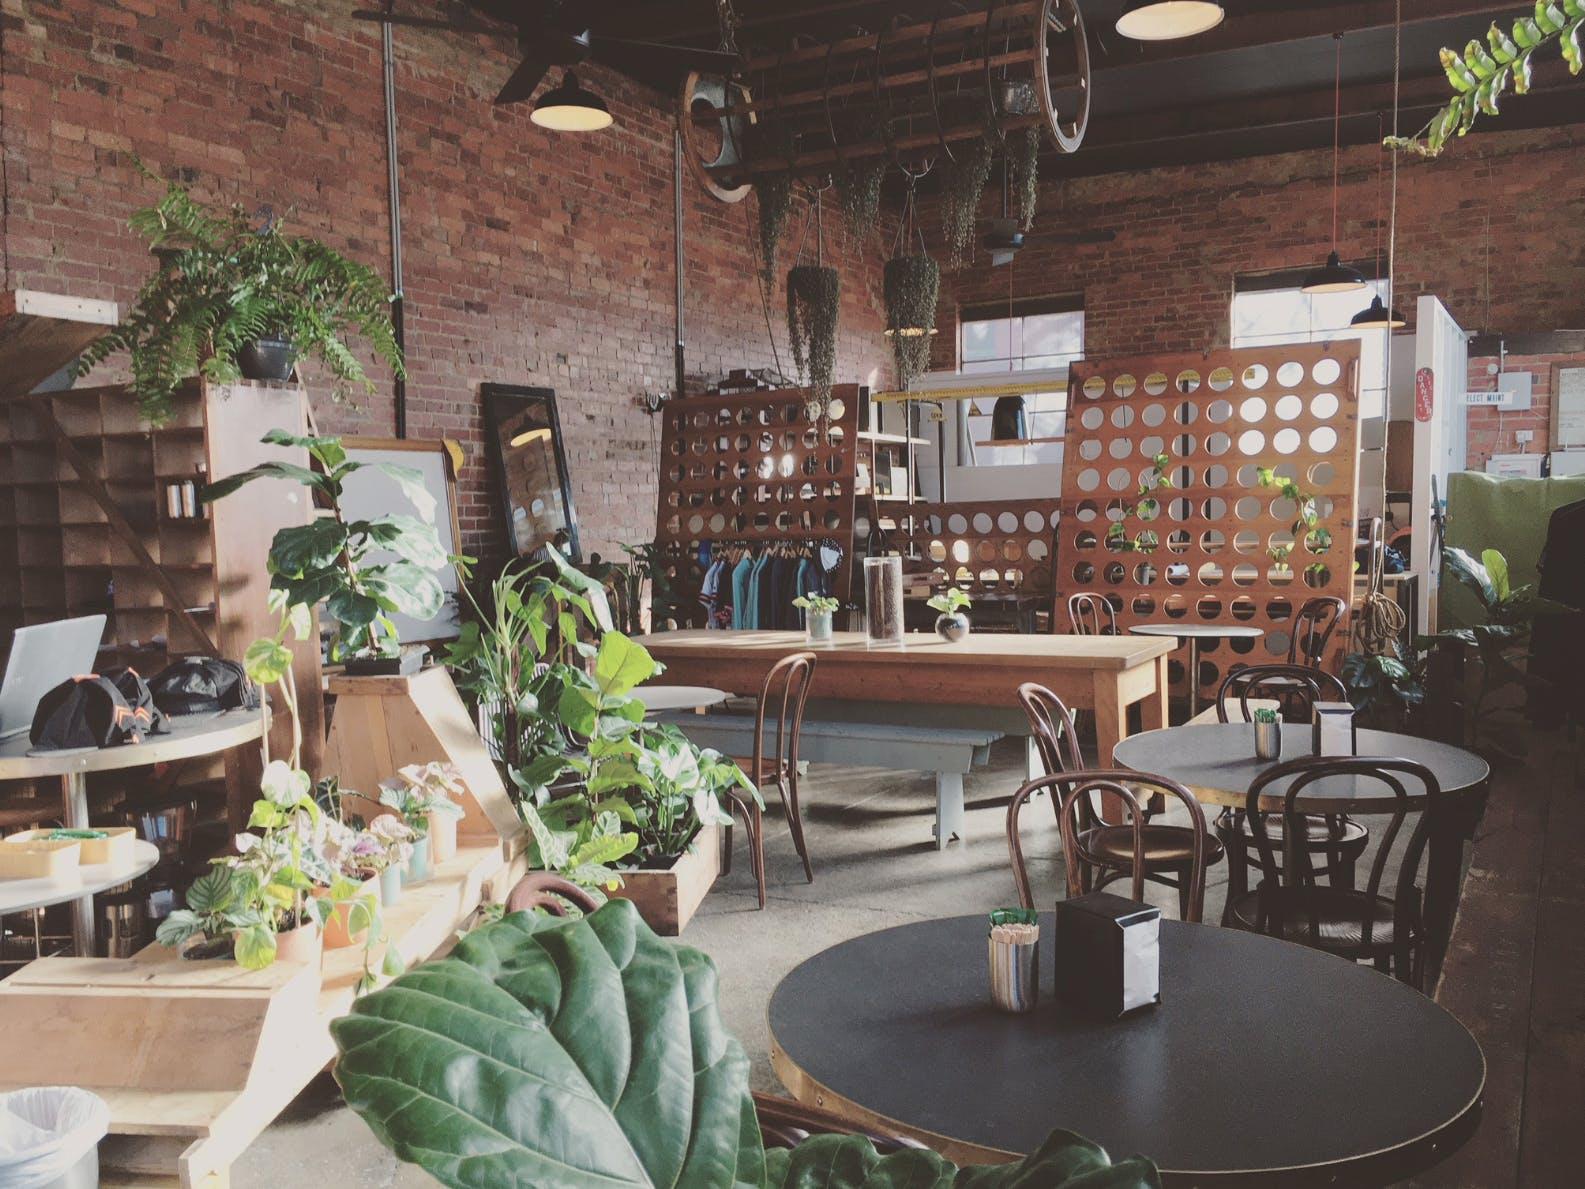 Studio at Coffee Peddlr, creative studio at Coffee Peddlr, image 1